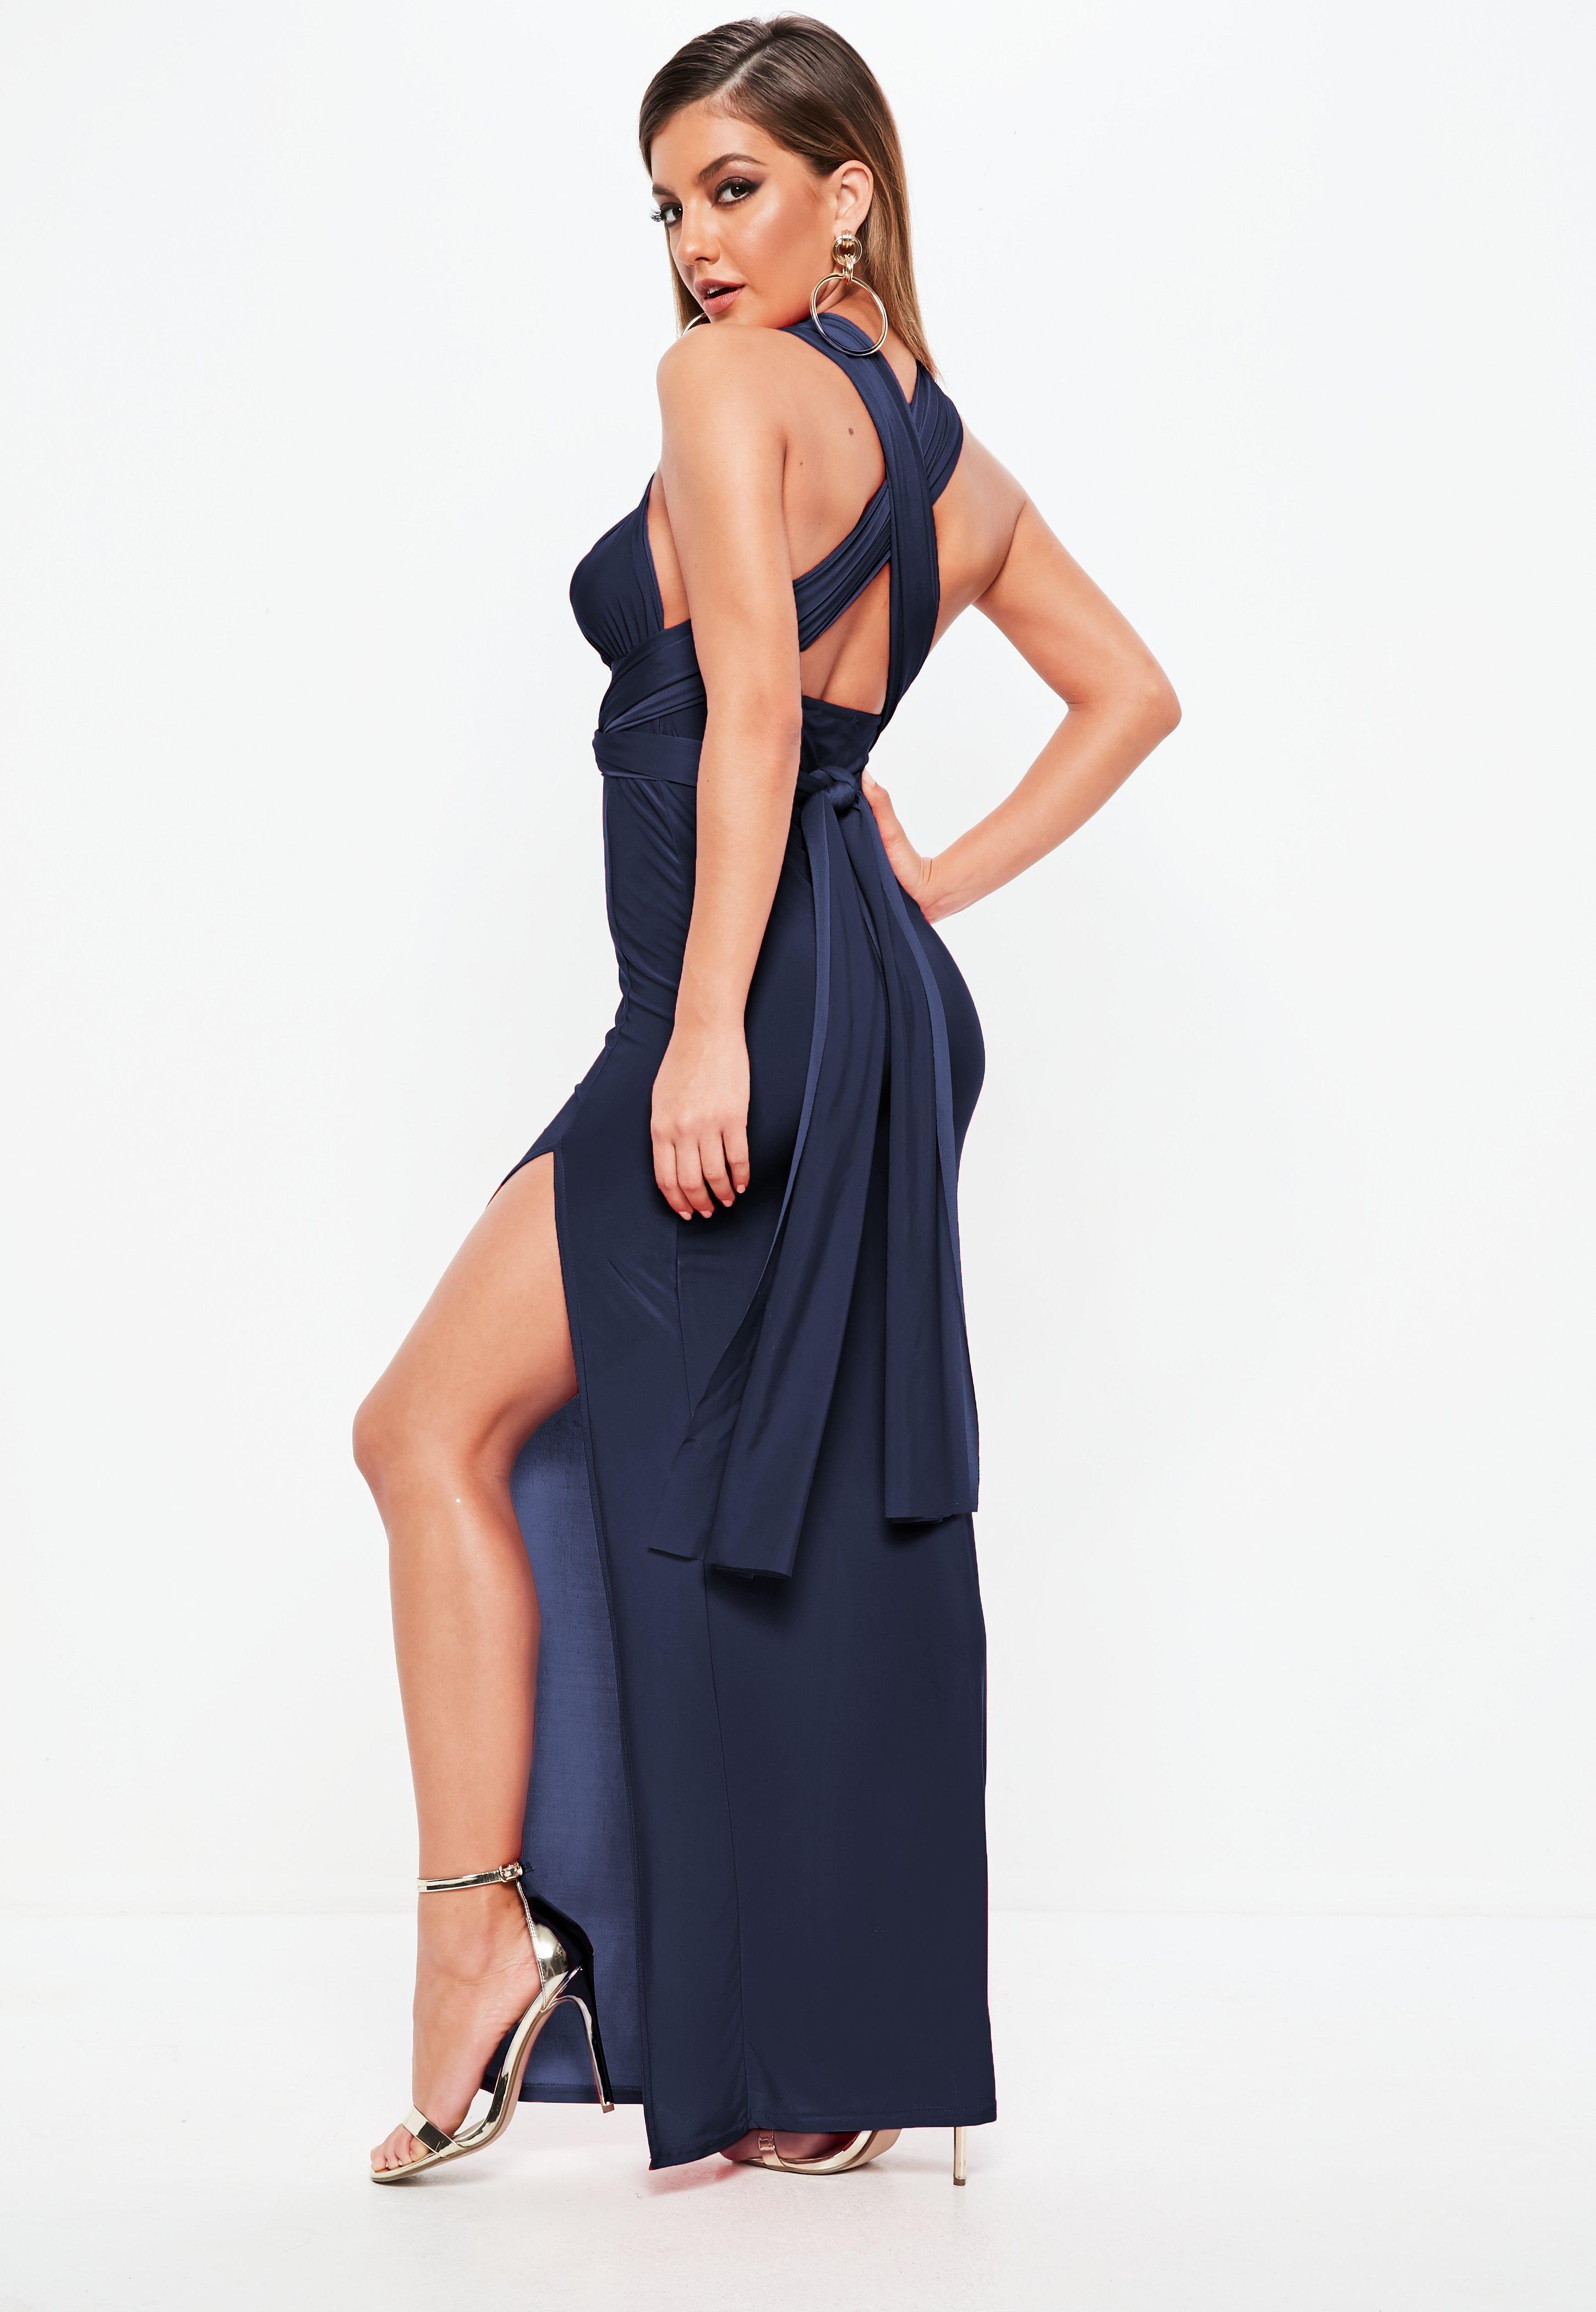 Großartig Meine Prom Kleid Ideen - Hochzeit Kleid Stile Ideen ...